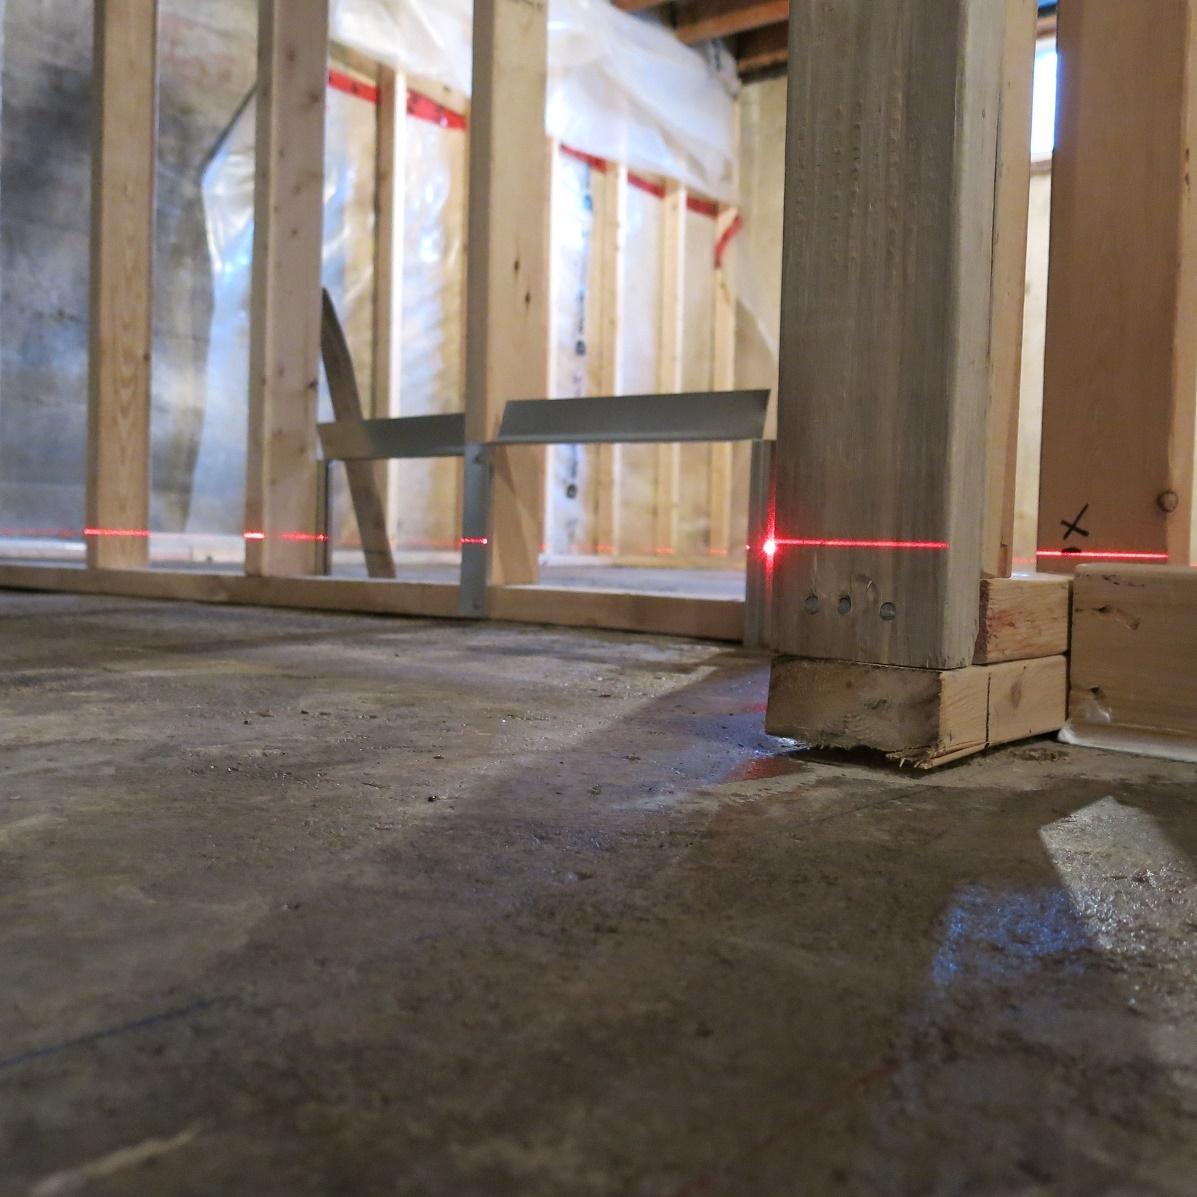 Leveling Basement Floor With Wood1197 X 1197